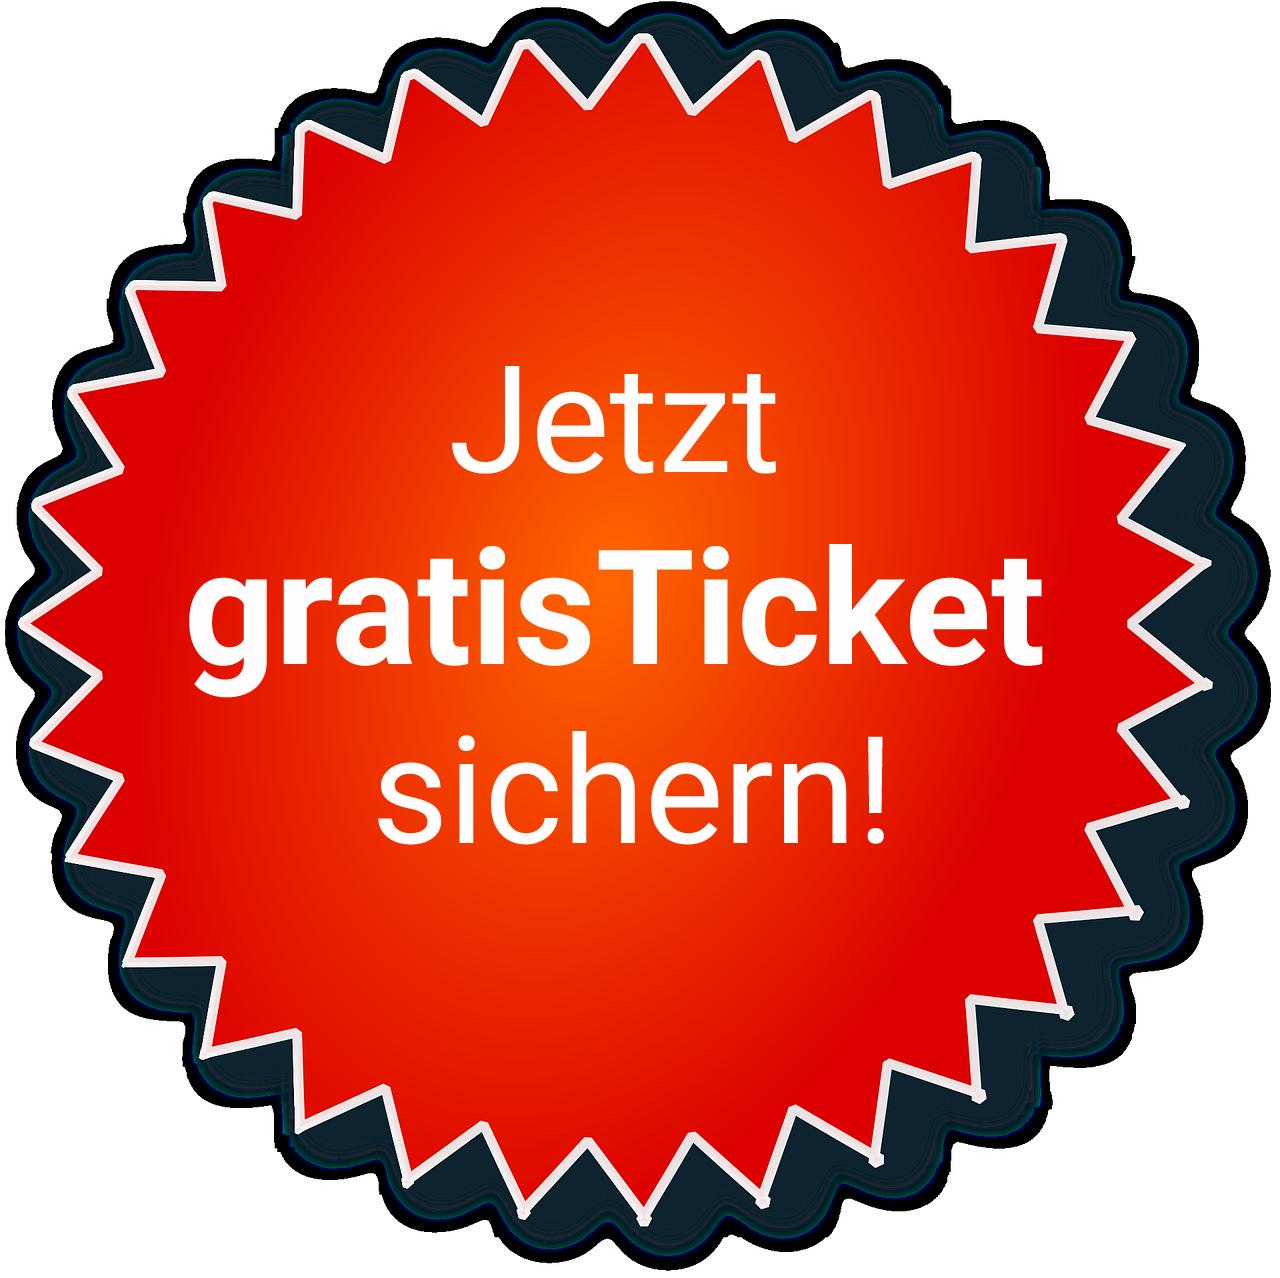 Jetzt gratis Ticket sichern